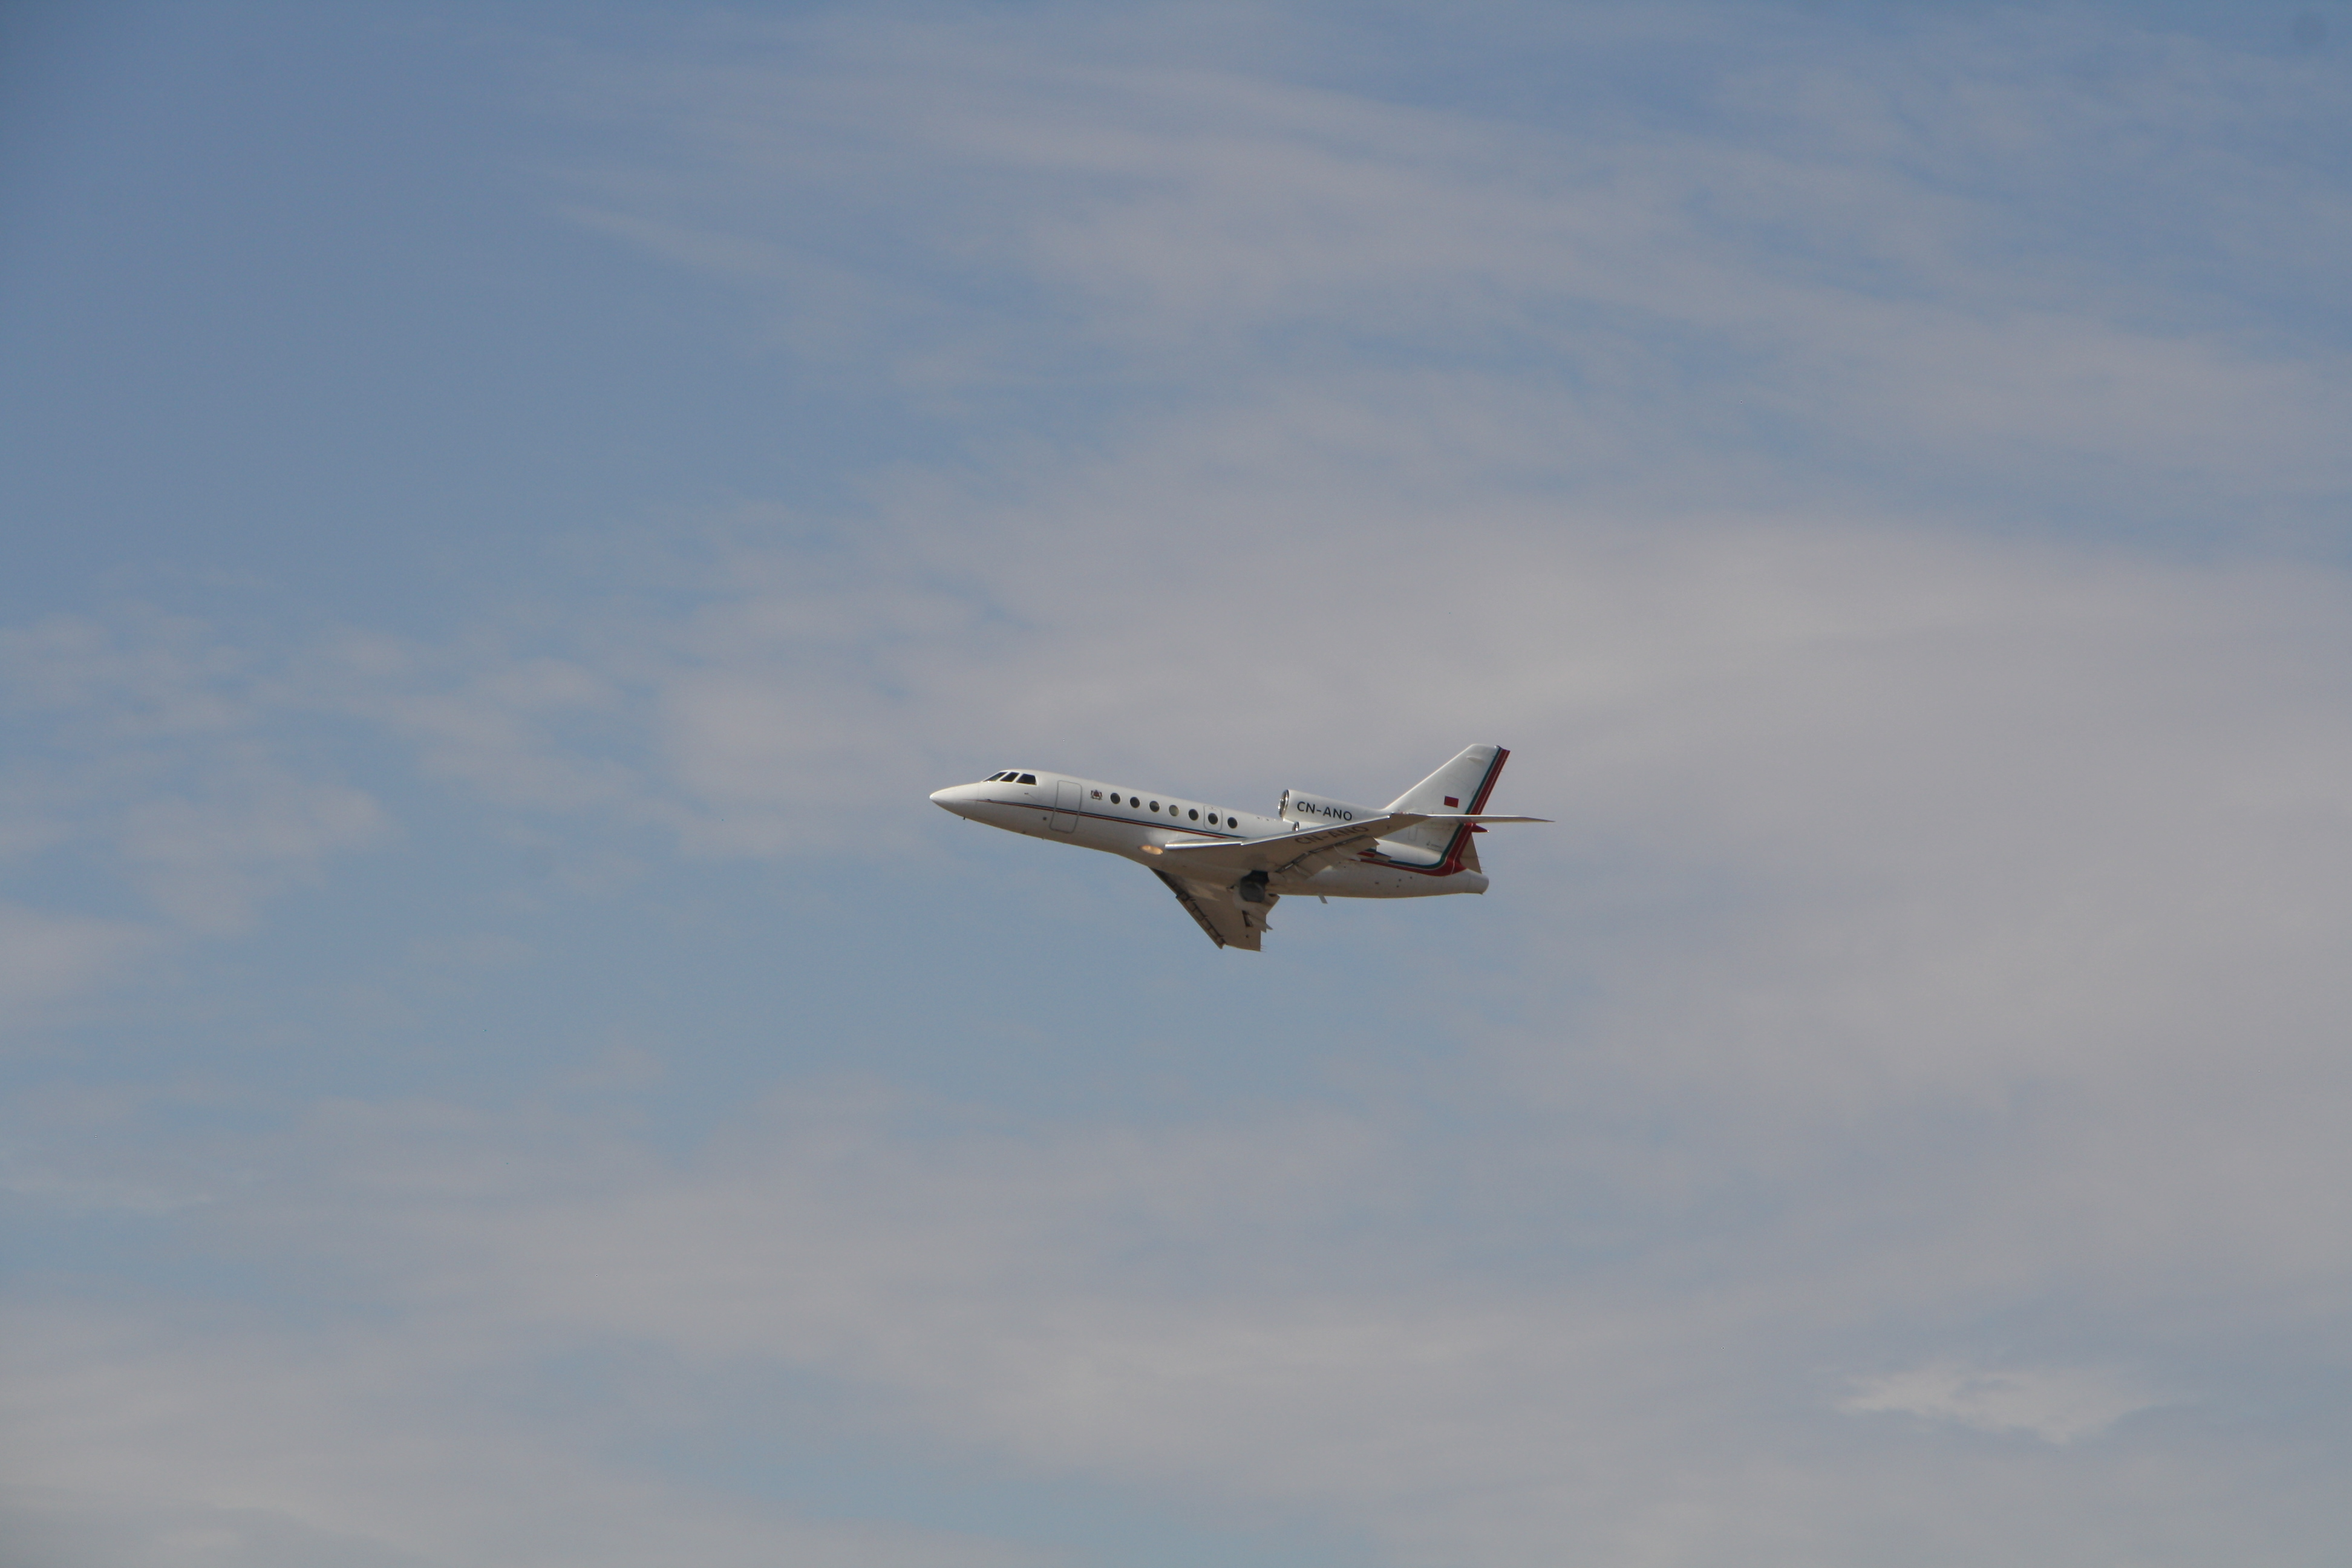 FRA: Avions VIP, Liaison & ECM - Page 13 26460461000_9555b0df0e_o